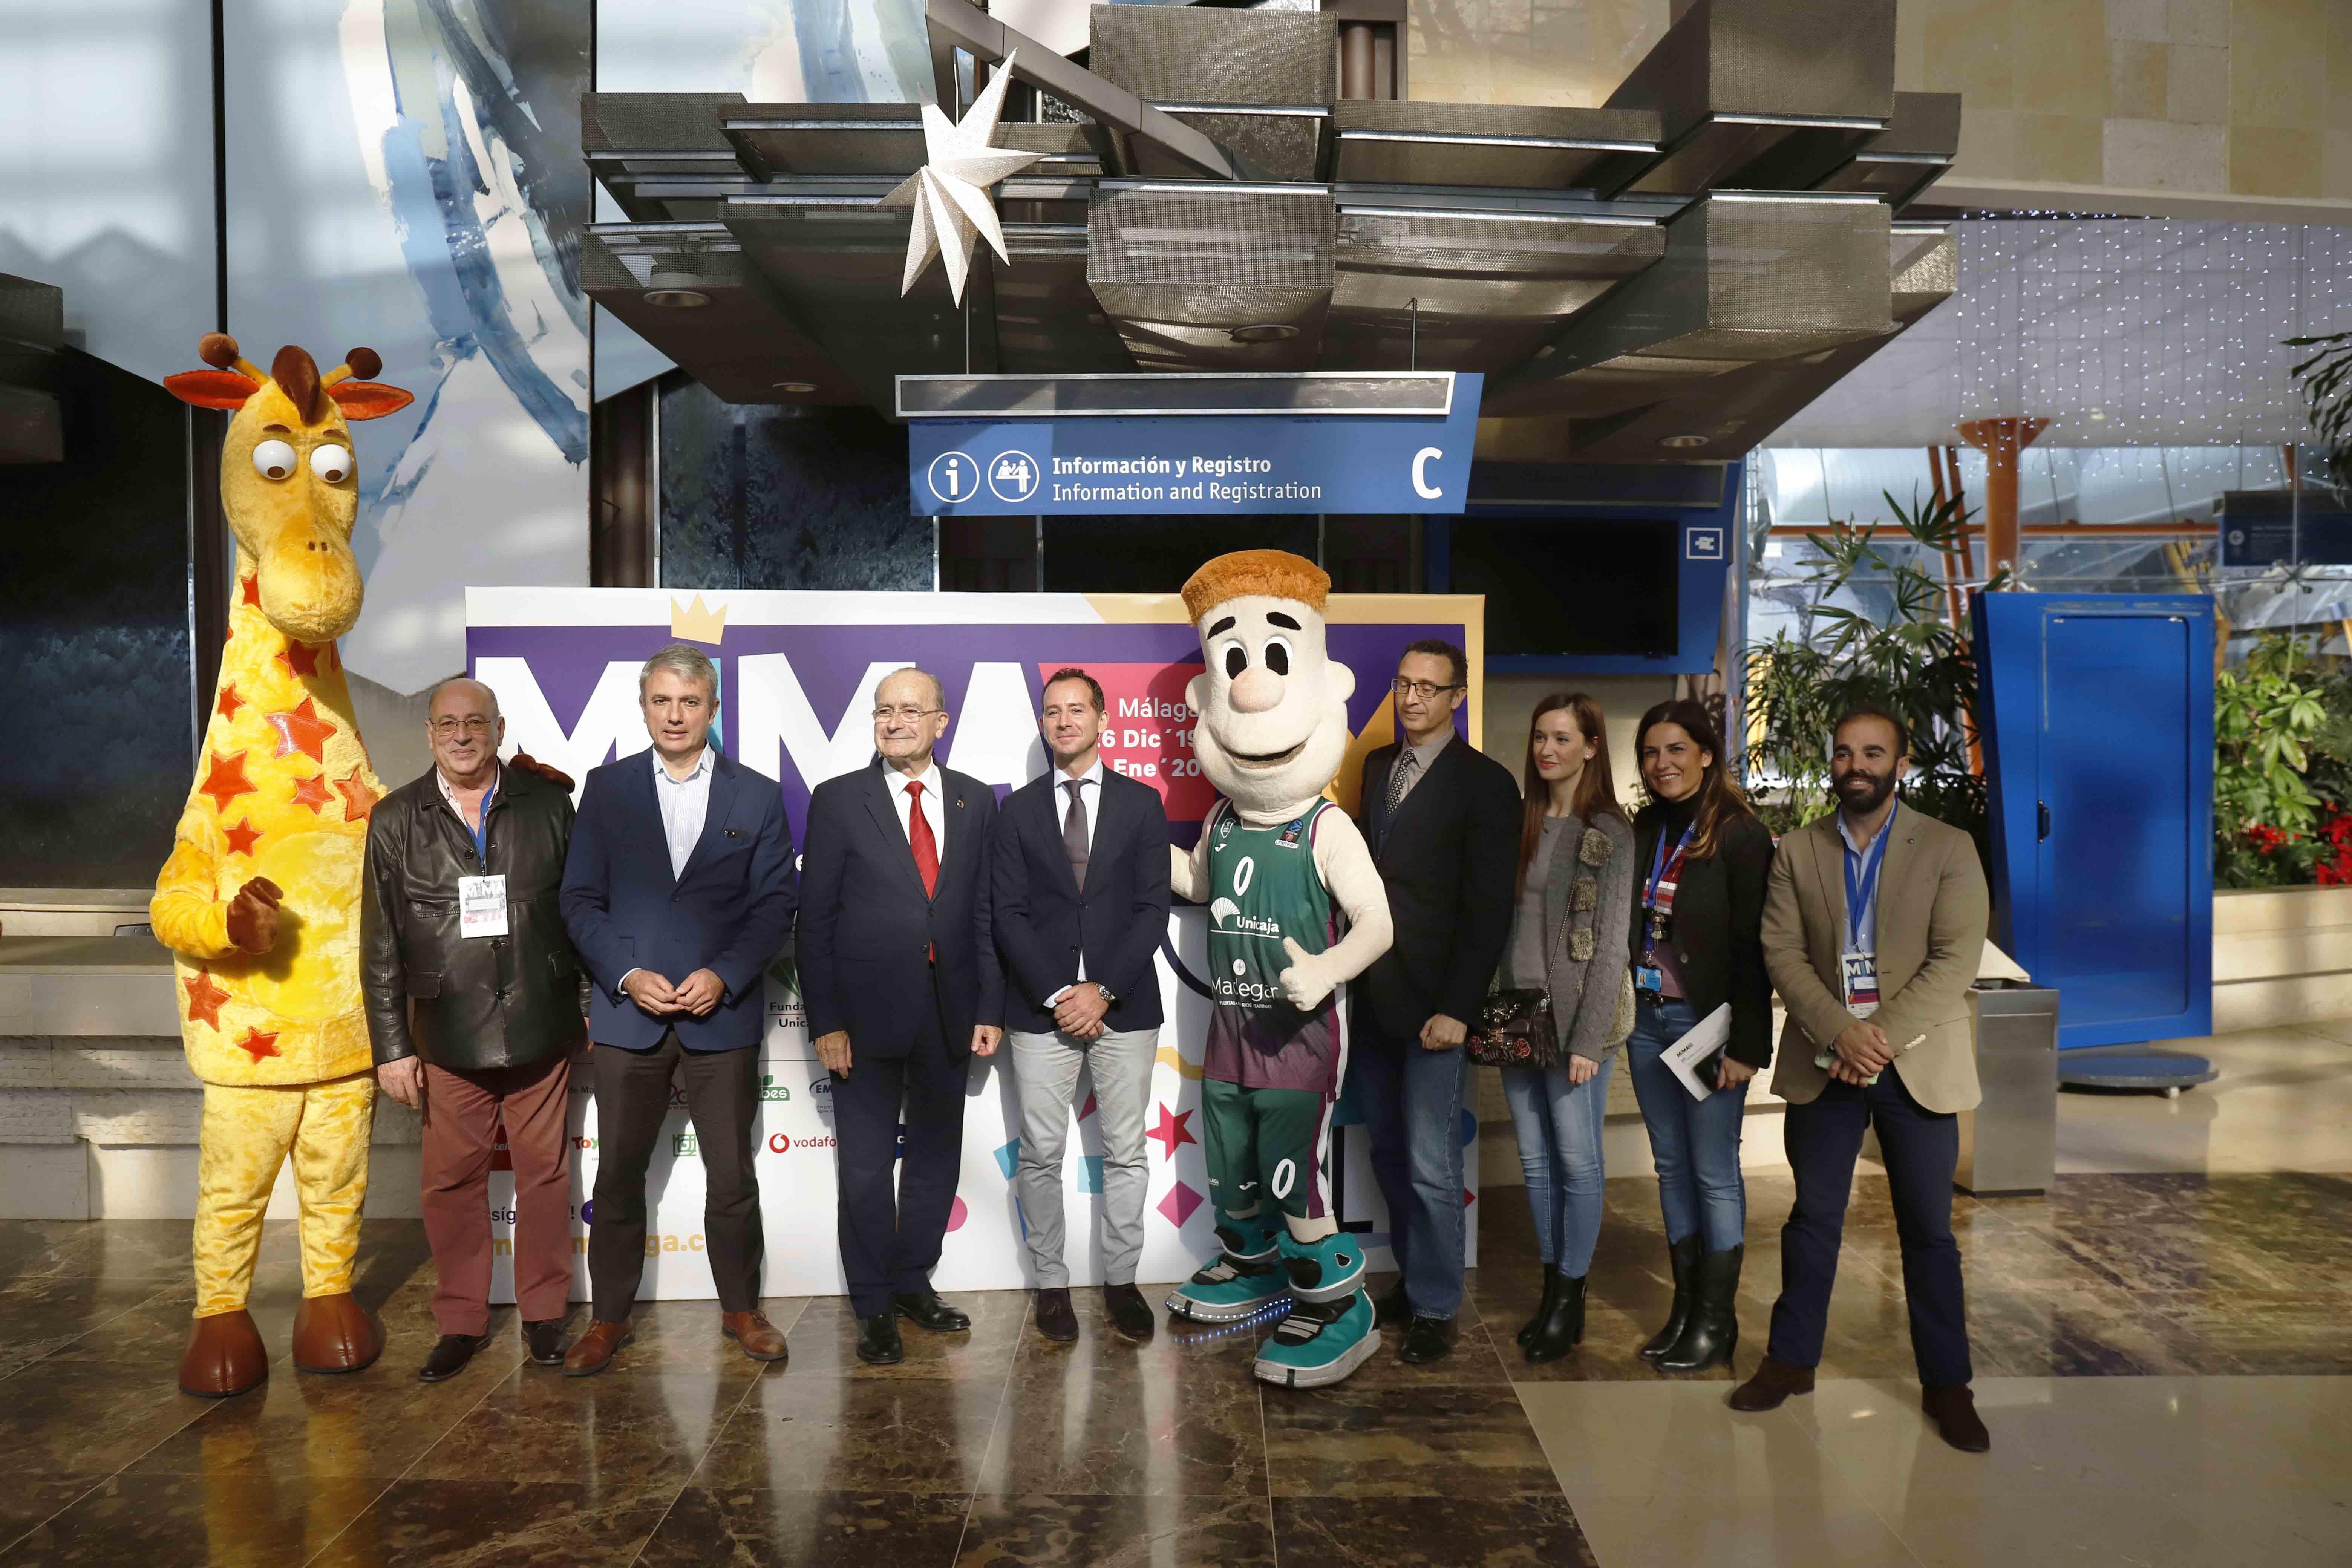 Fundación Unicaja Patrocina Una Nueva Edición De MIMA Con Actividades Lúdicas Para Toda La Familia Durante Esta Navidad